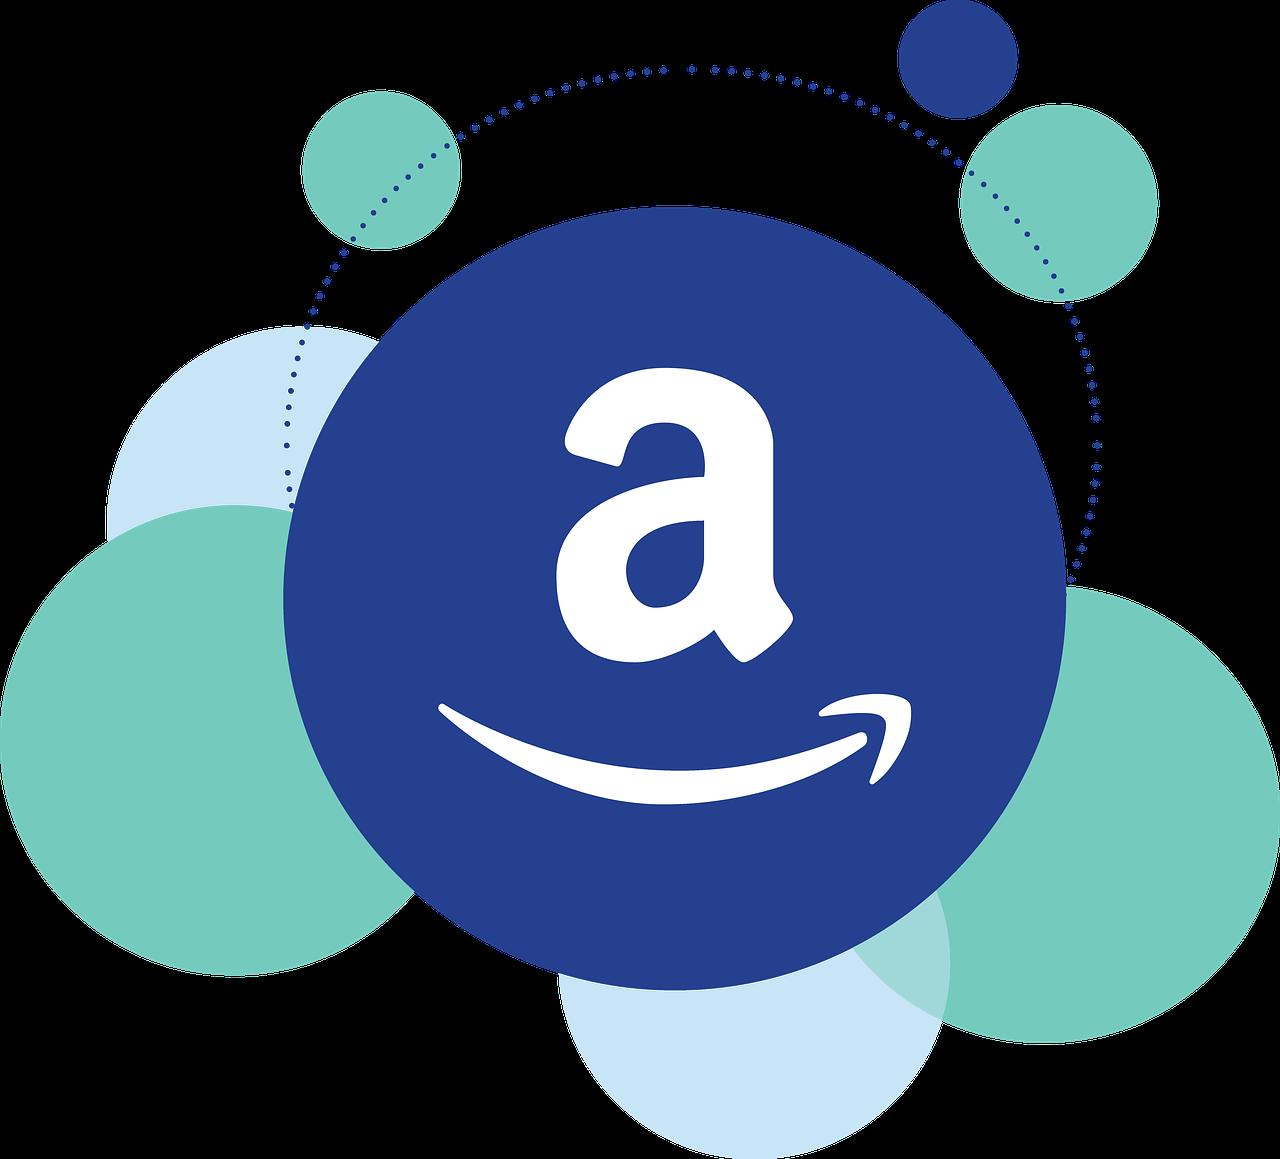 Amazonプライム会員が最高過ぎてAmazonが心配!〜サービス内容・年会費等をご紹介〜 - コームズチャンネル